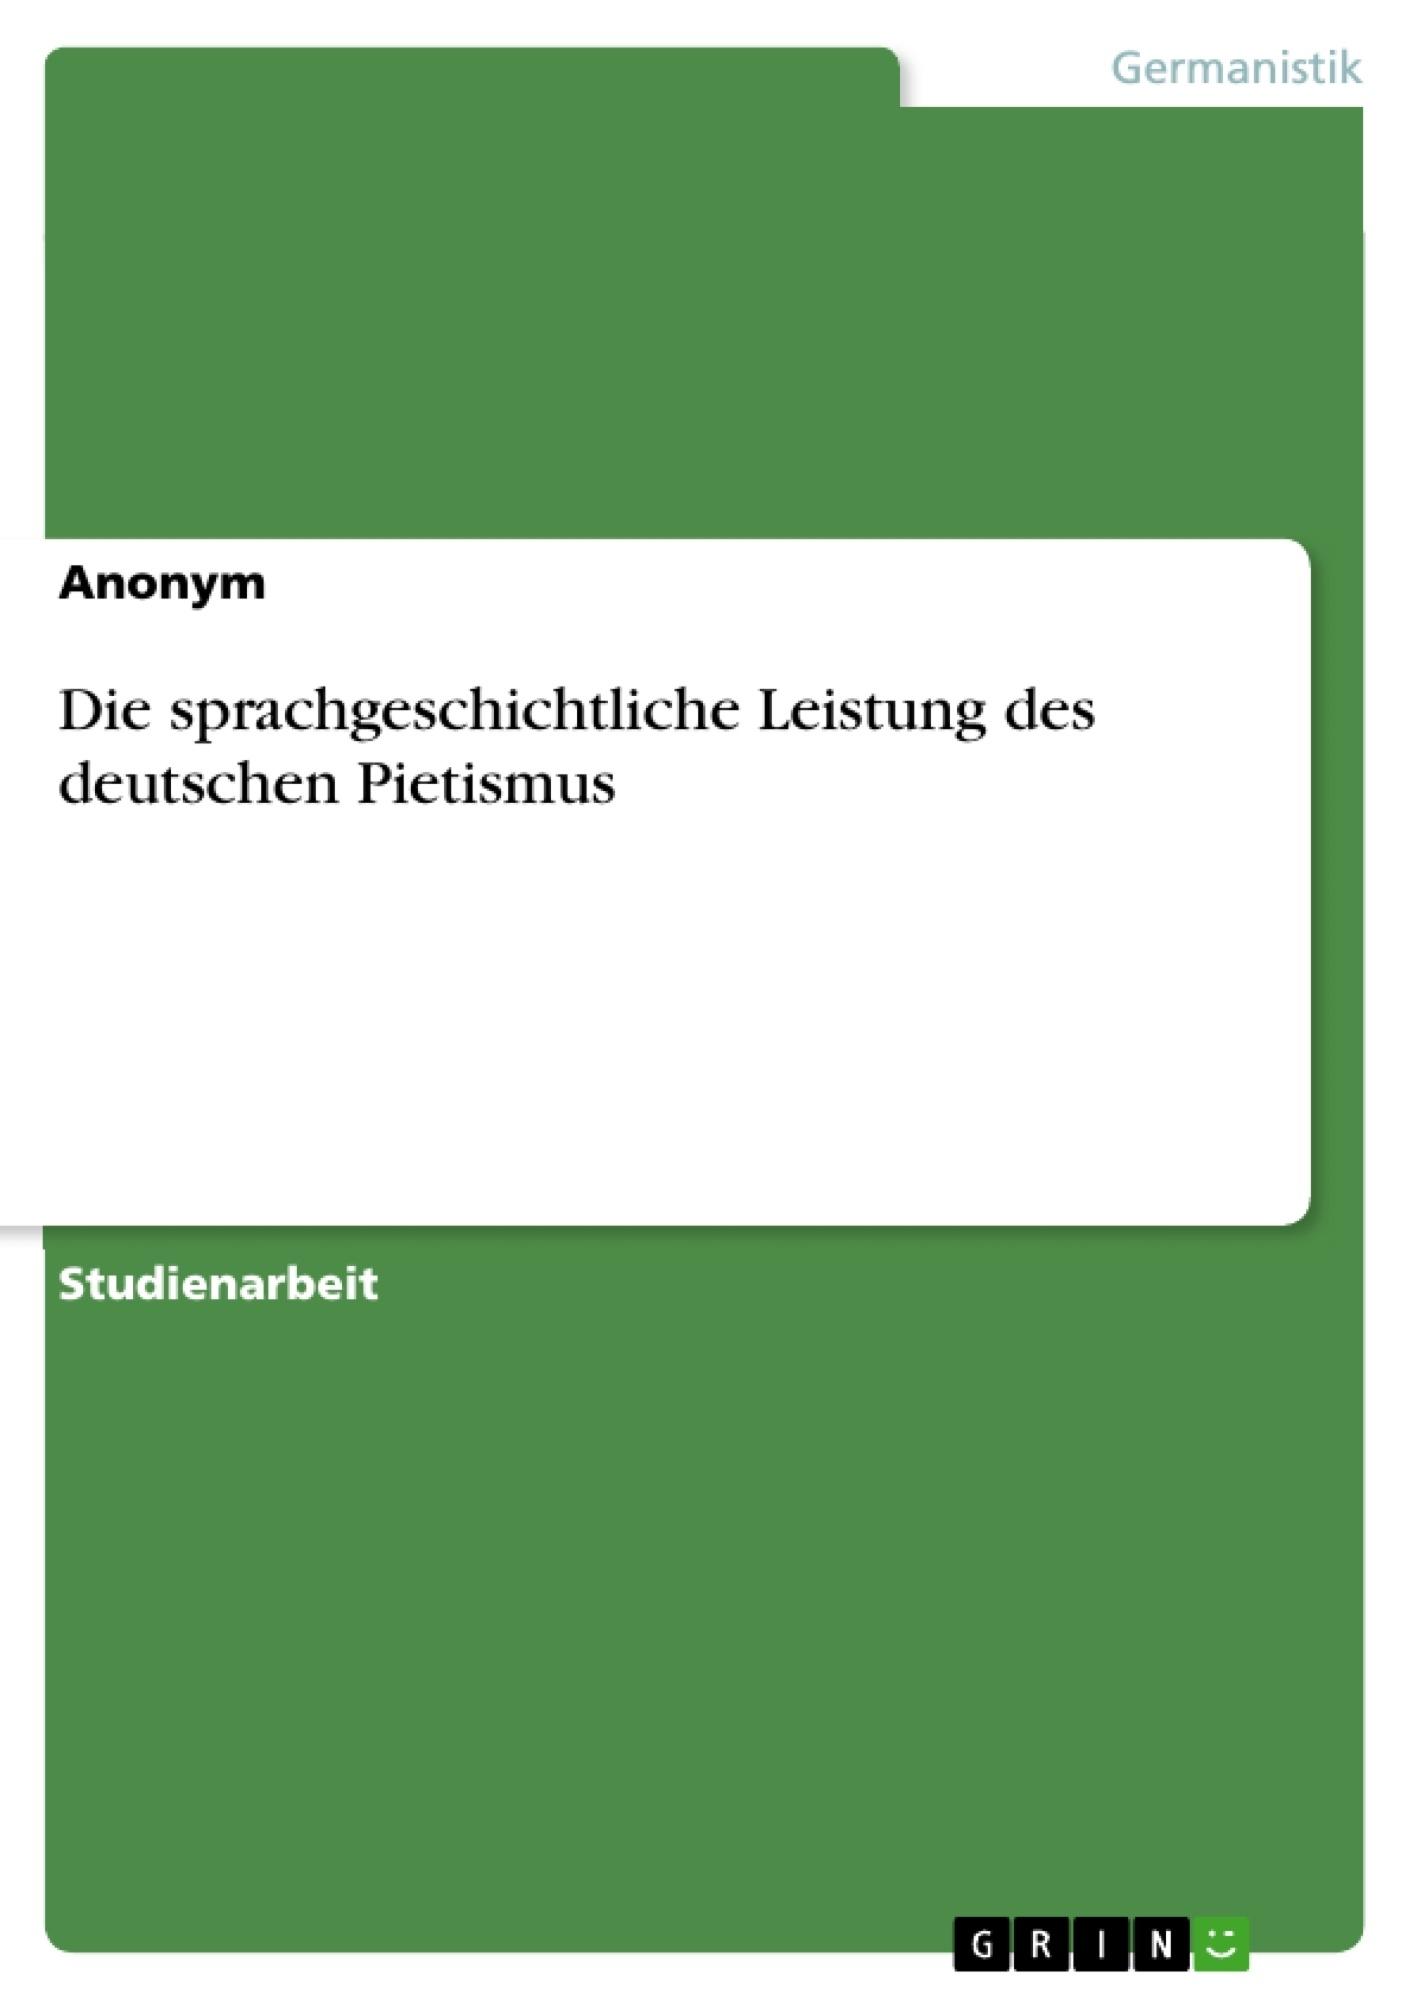 Titel: Die sprachgeschichtliche Leistung des deutschen Pietismus